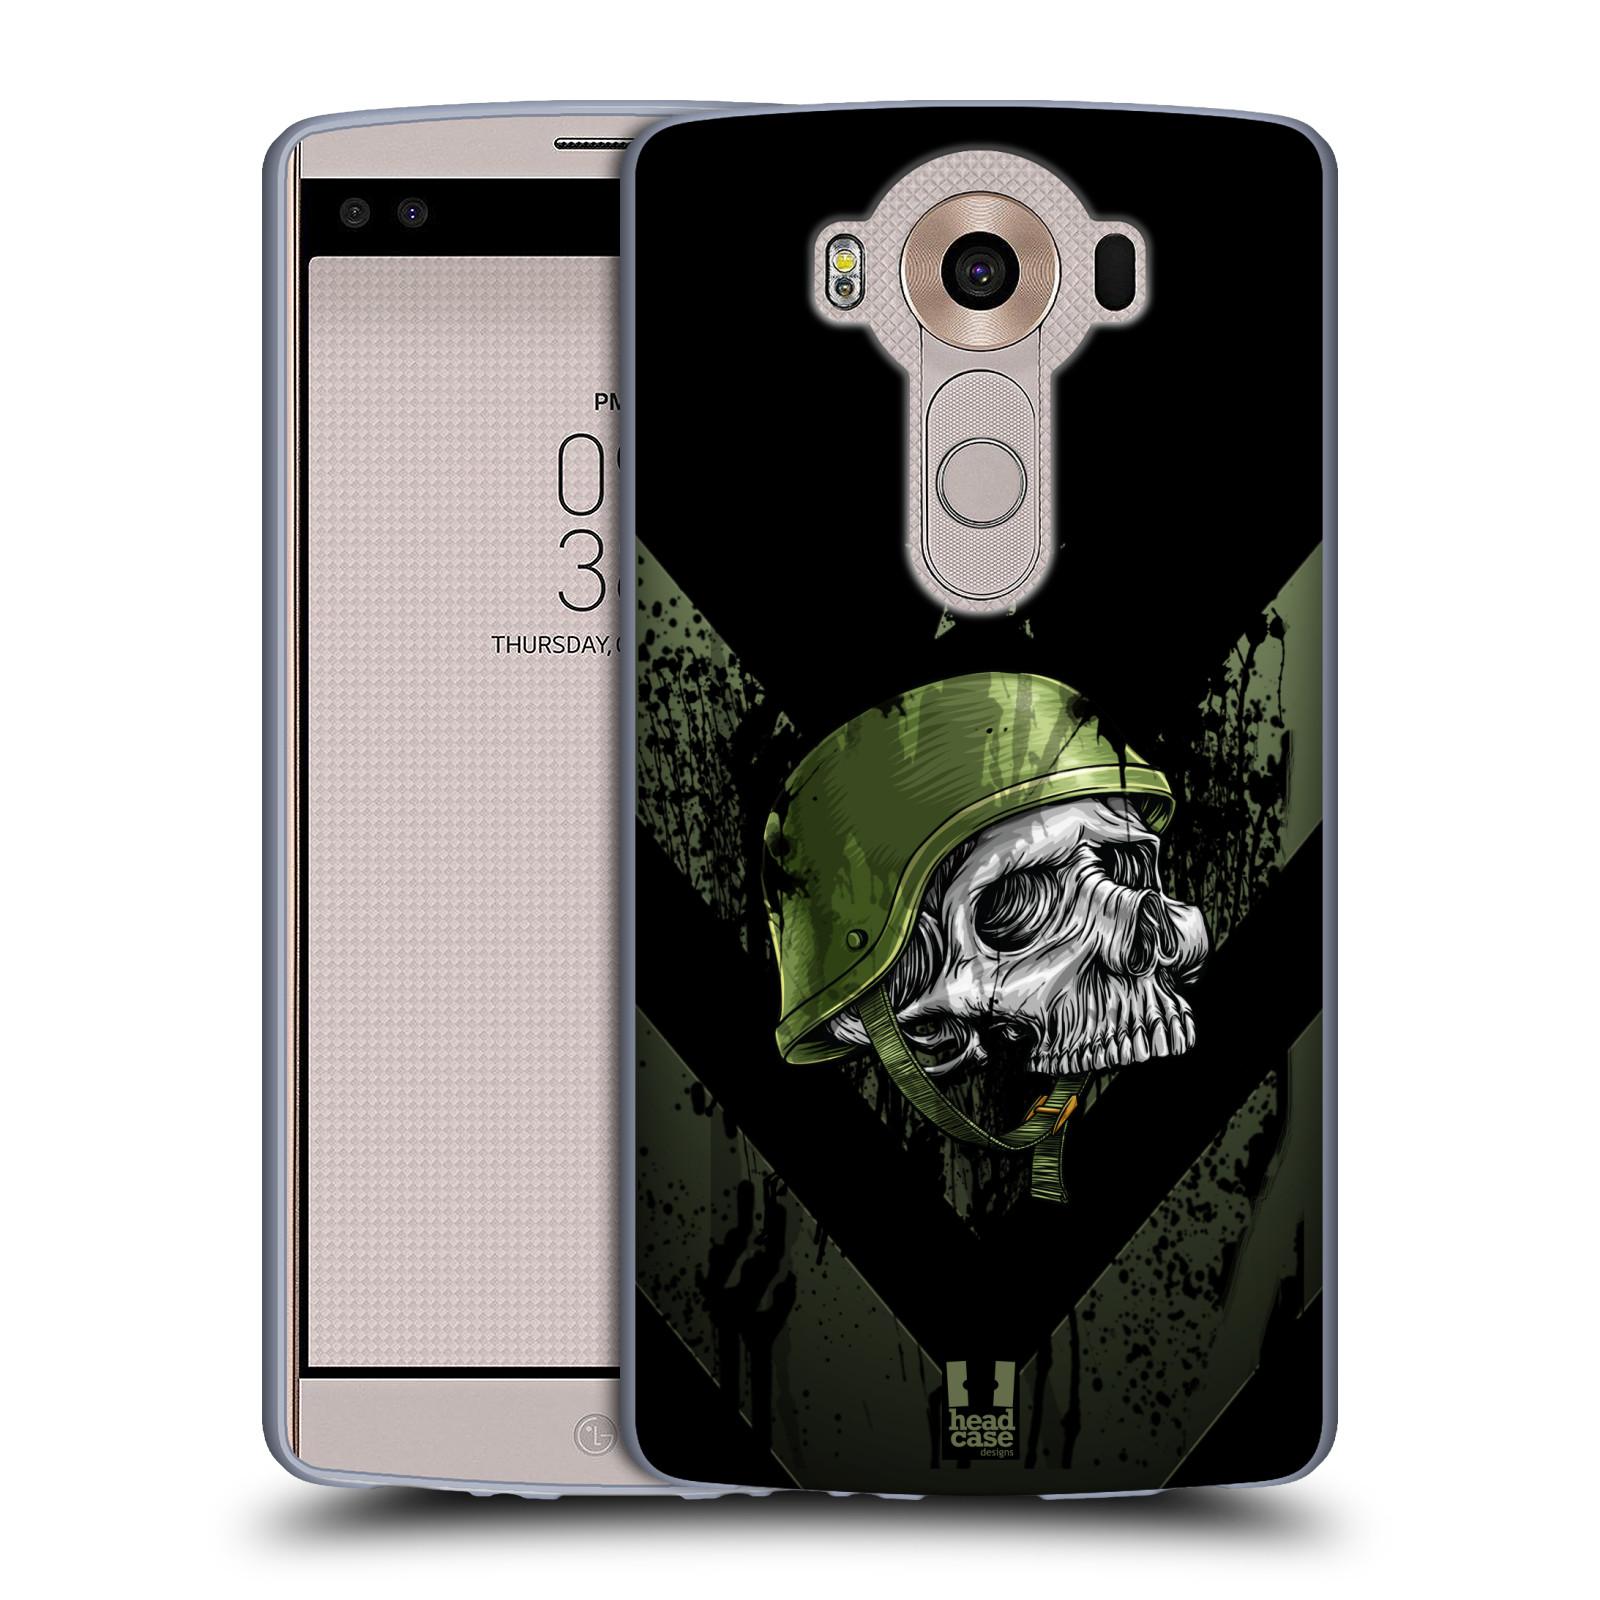 HEAD CASE silikonový obal na mobil LG V10 (H960A) vzor Kovový vzhled armáda jednoho muže